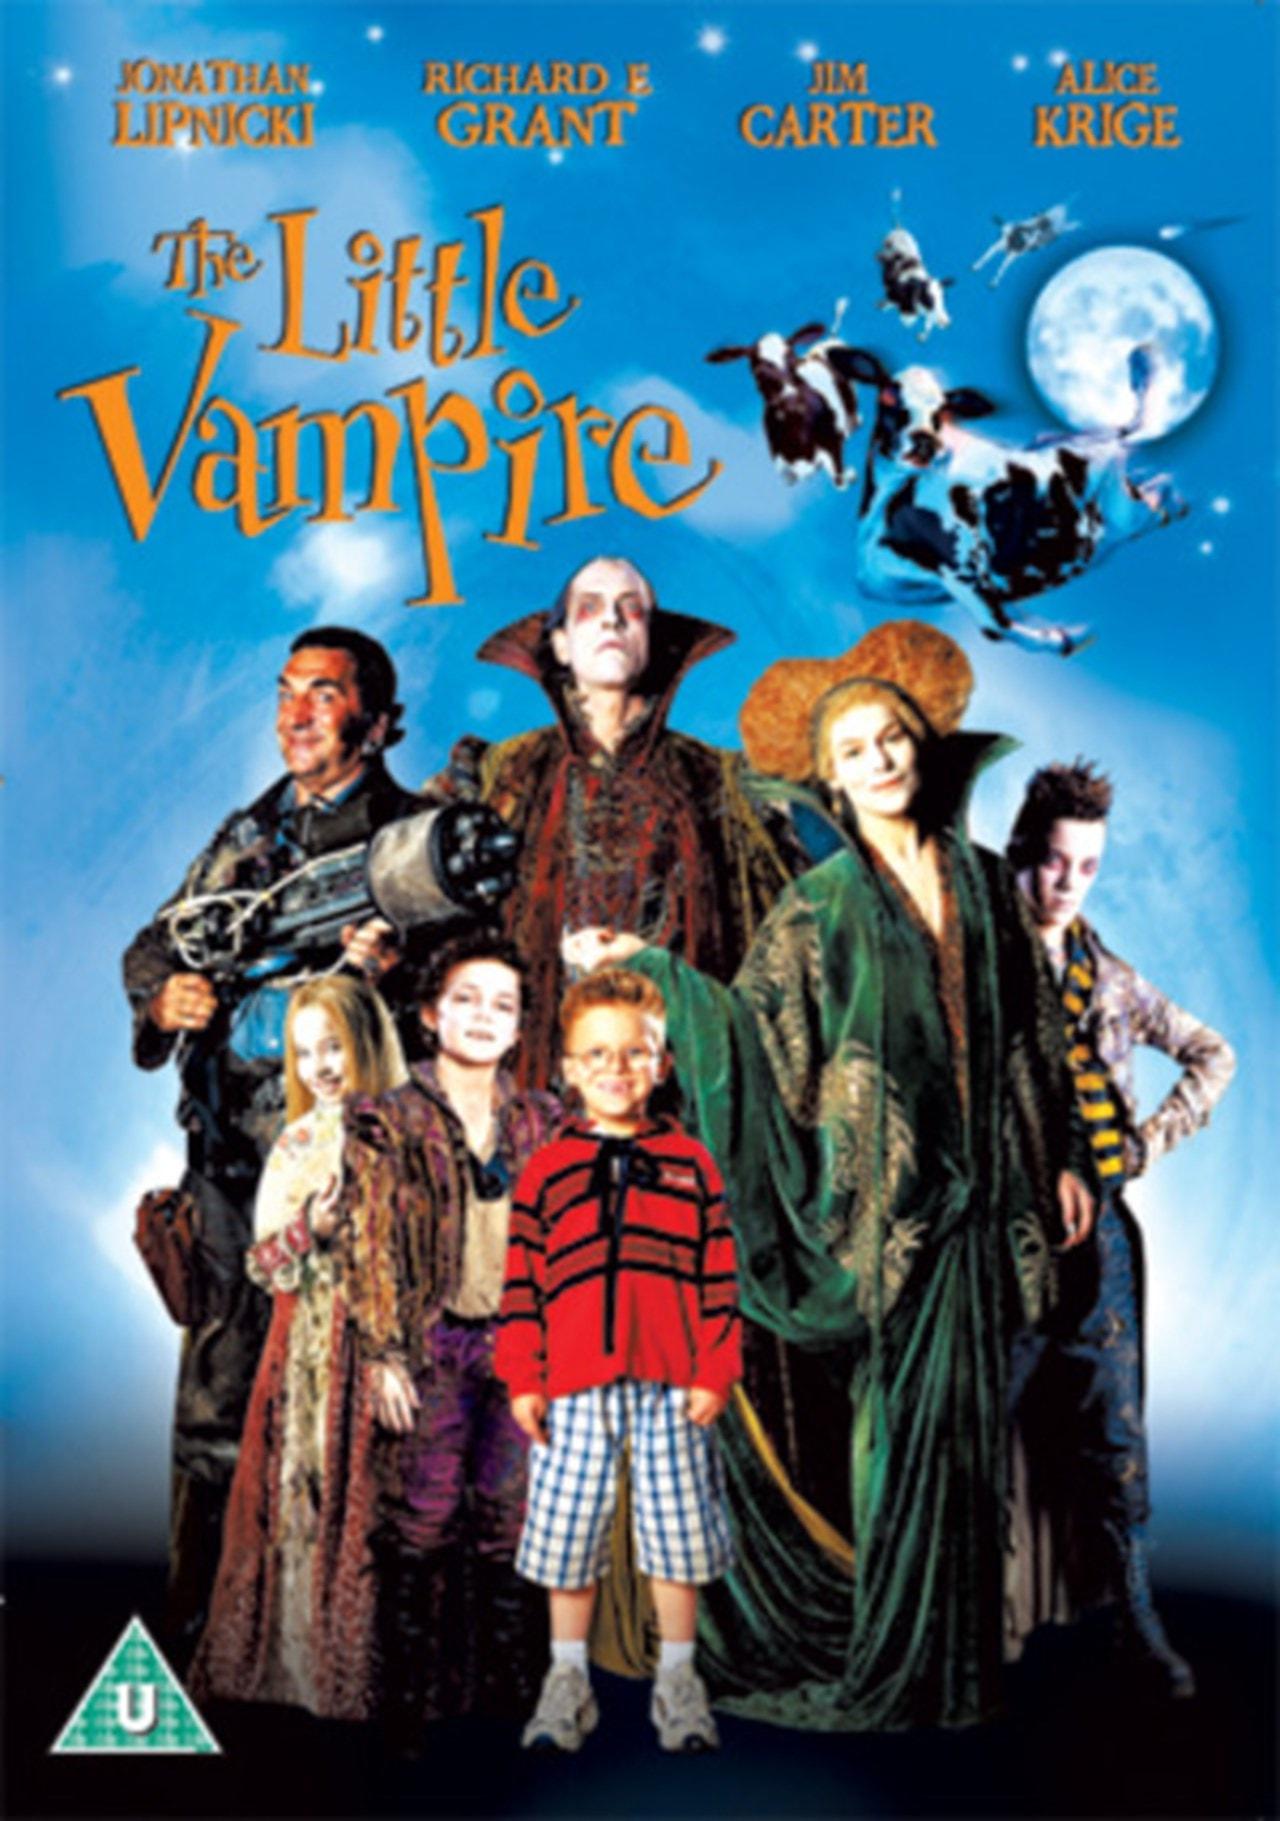 The Little Vampire - 1